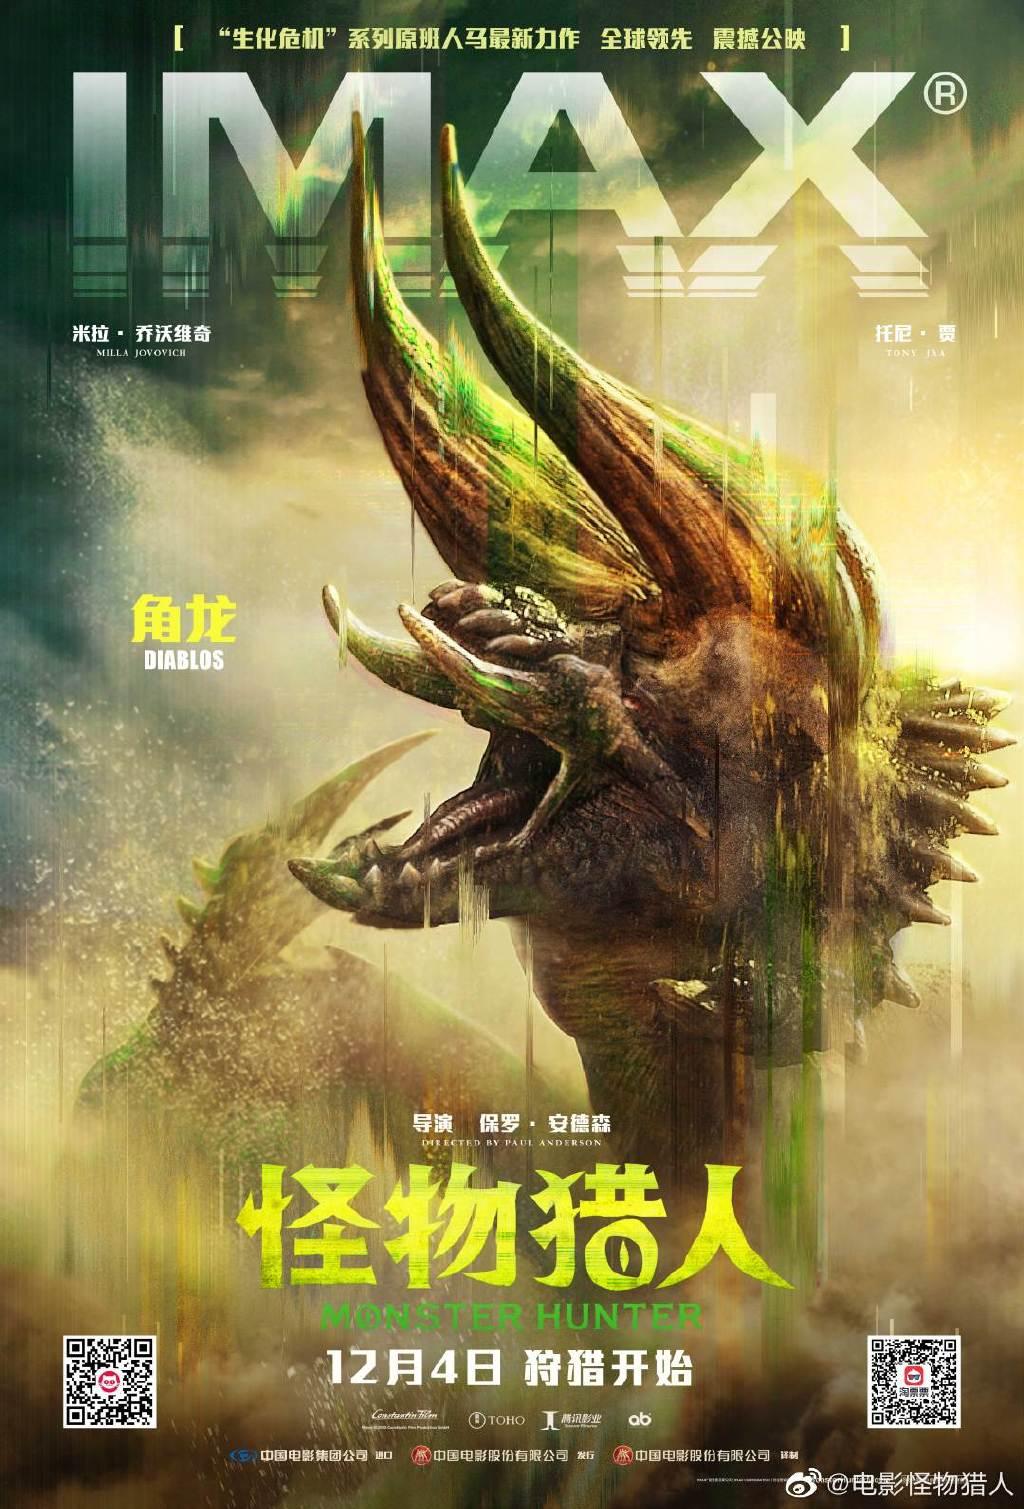 《怪物猎人》电影新一组海报释出 猫大厨持刀上